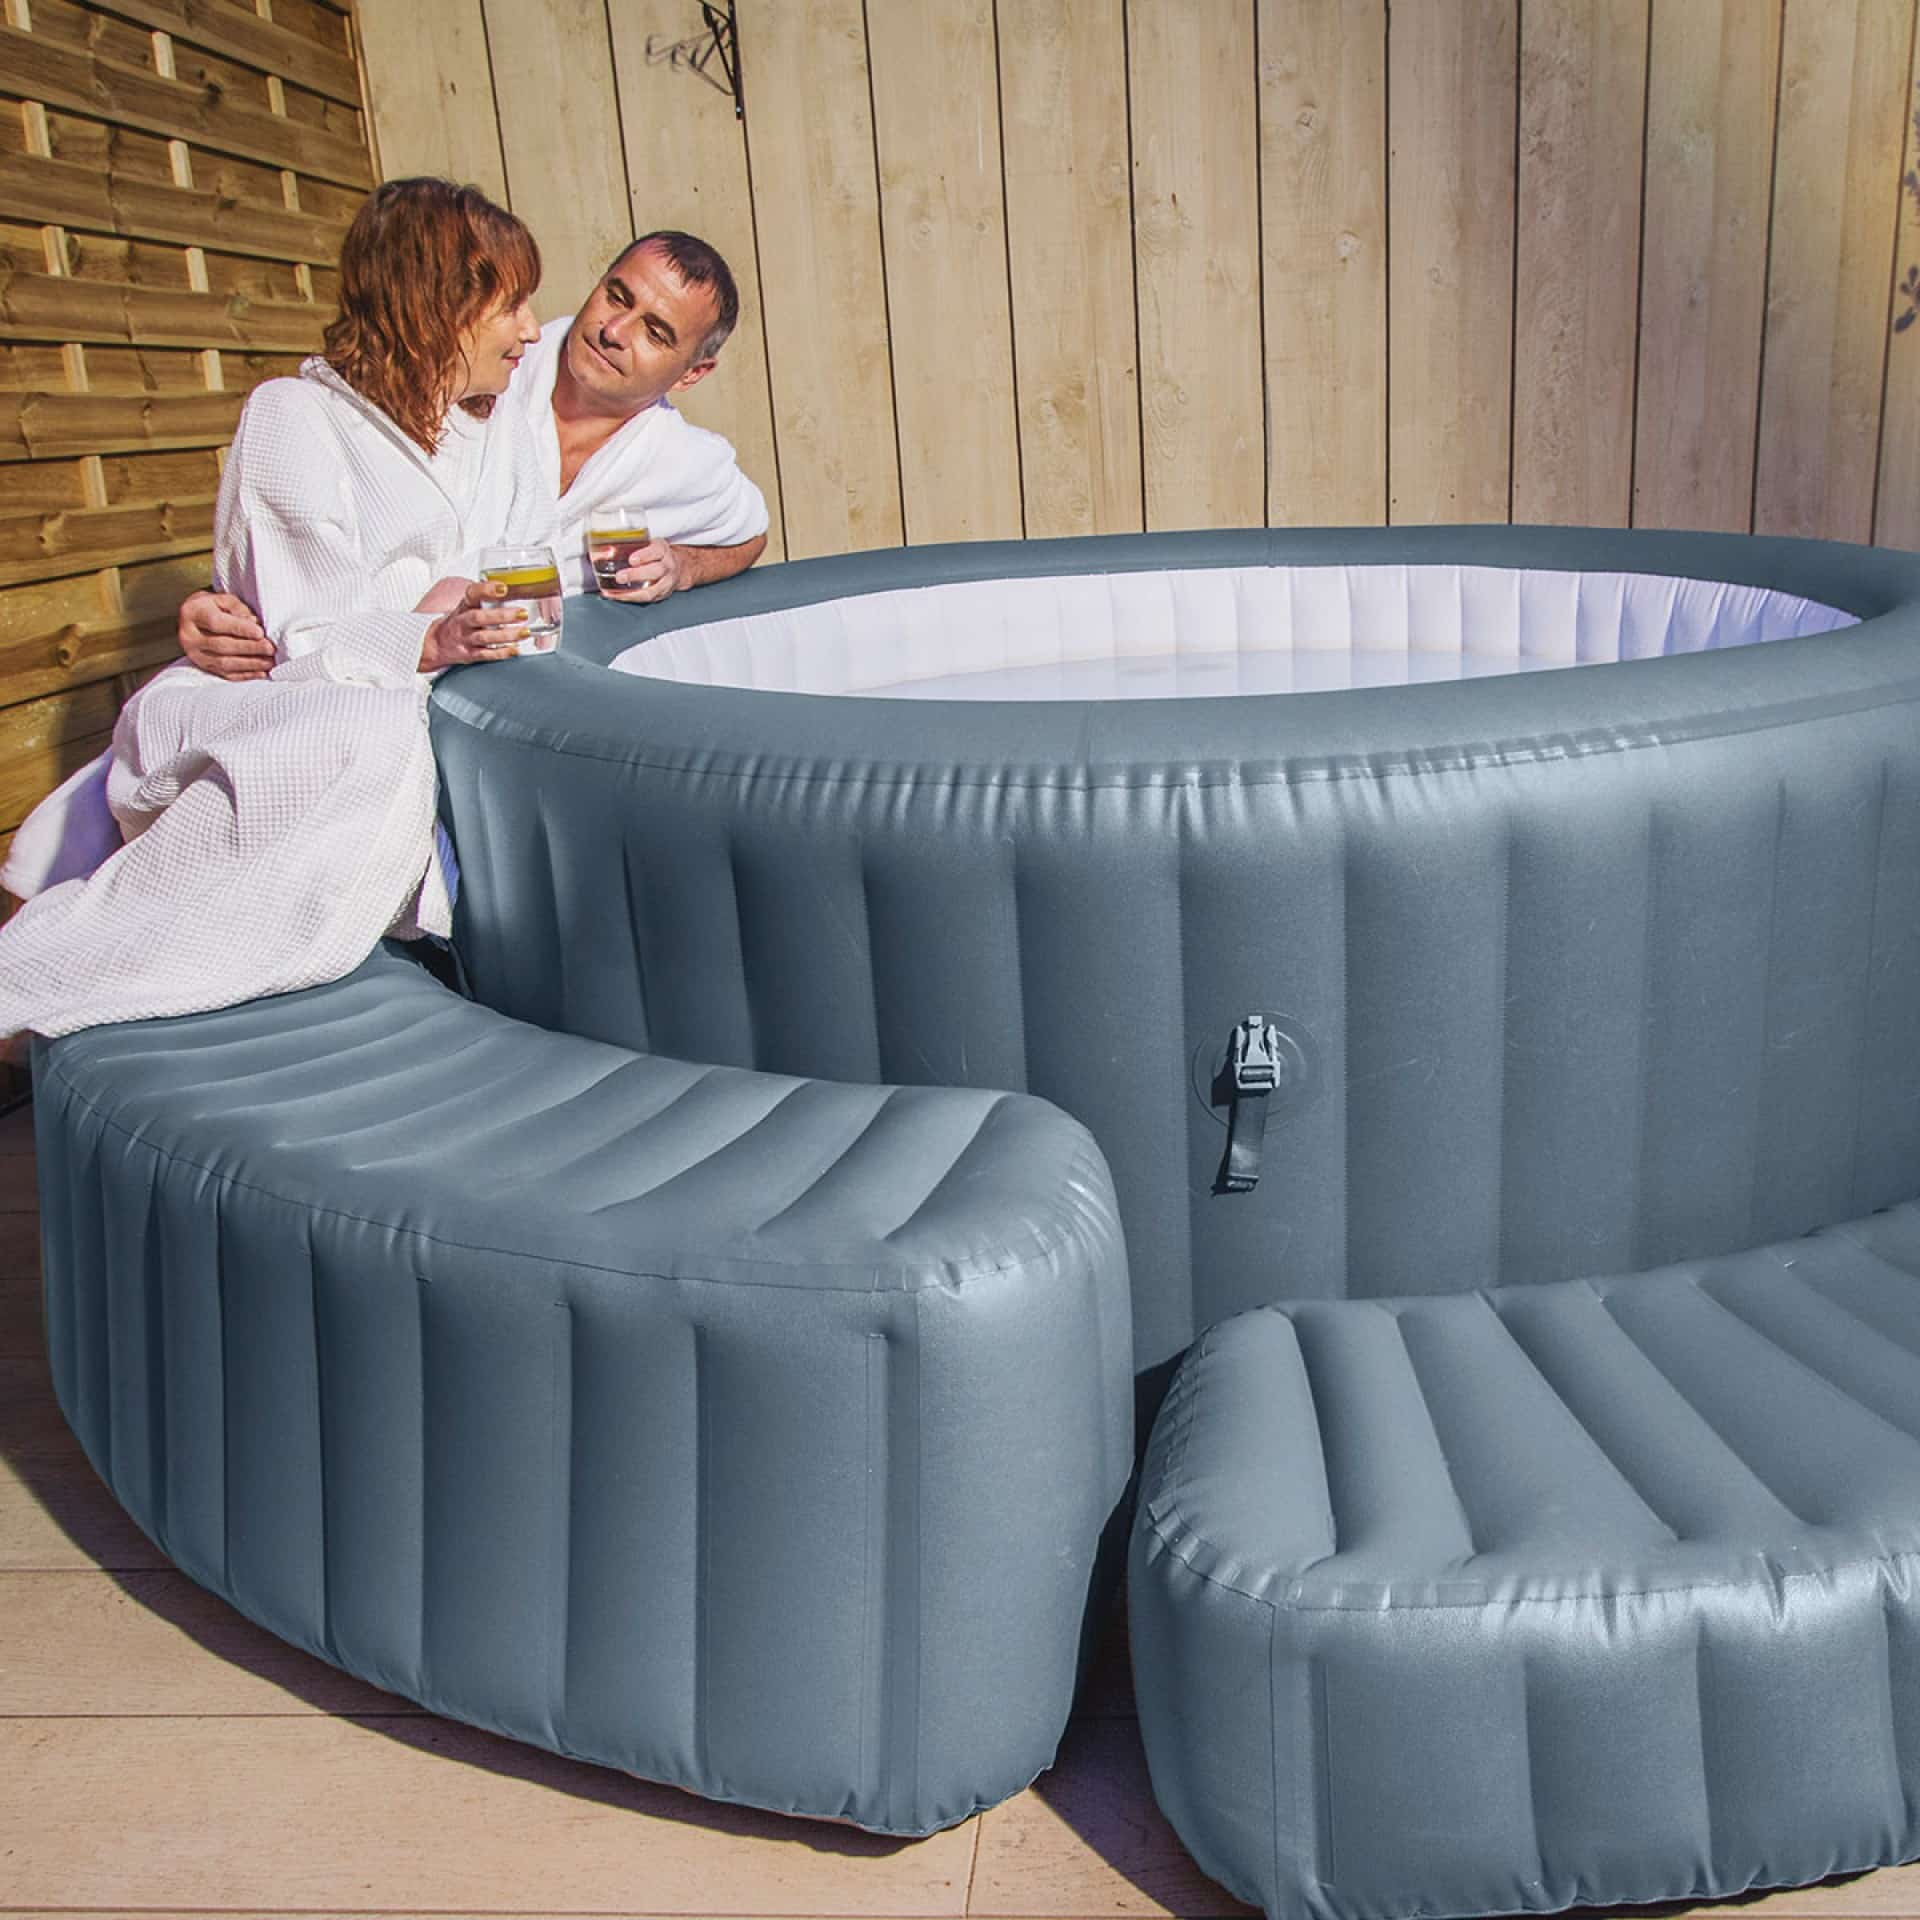 Massasjebad møbel Lay-Z-Spa